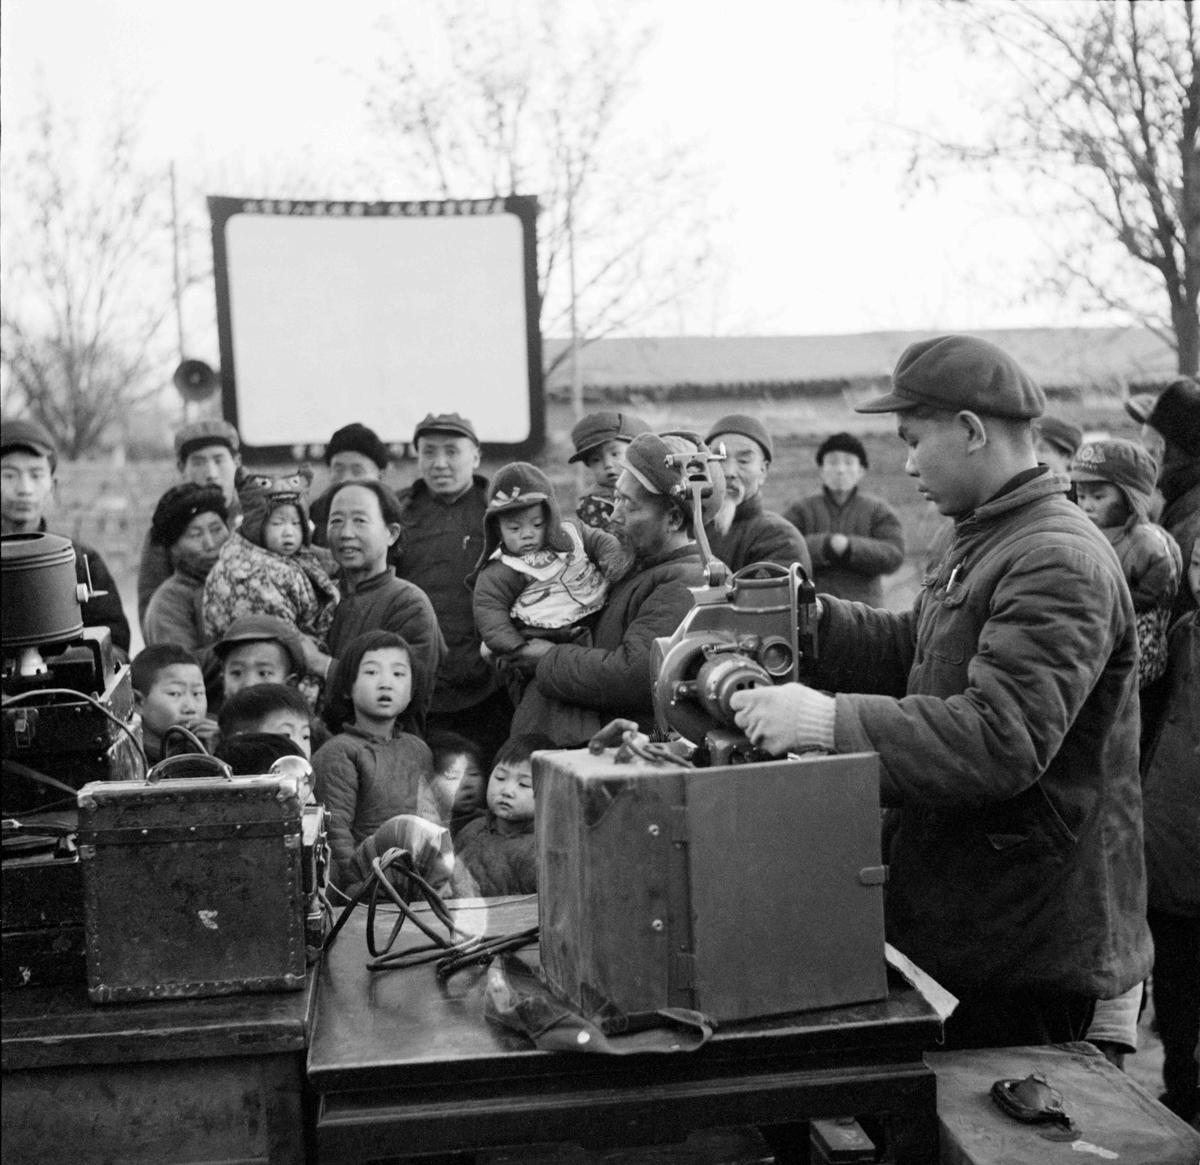 17-2 1955 197.牛畏予。电影放映下乡队为东郊来广营吴玉书农业生产合作社的社员放映电影。1955,北京.jpg